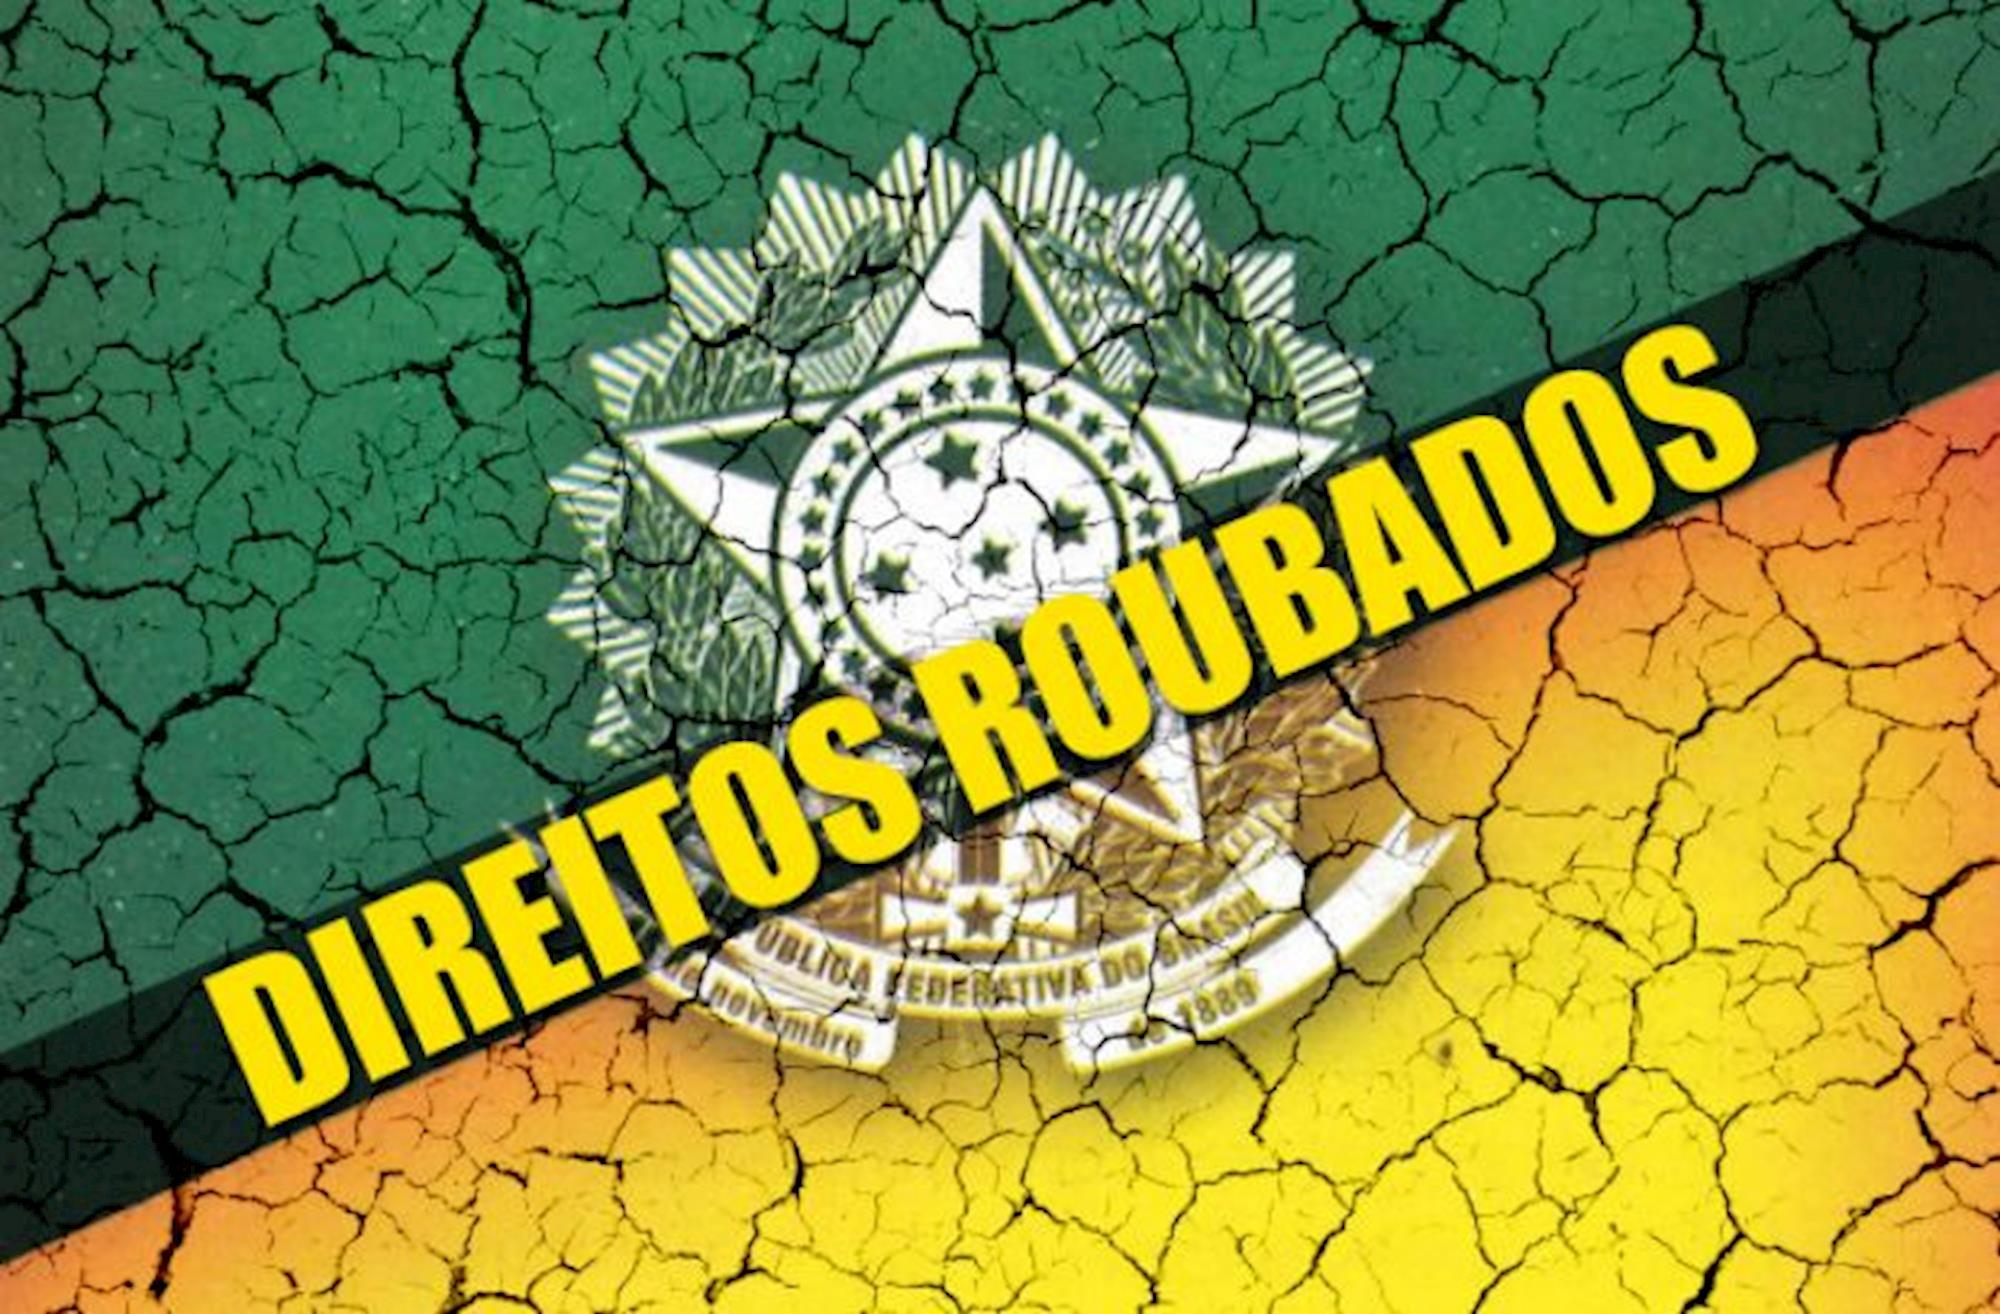 cartilha, mo, 905, verde, amarela, contratação, carteira,, ALEX CAPUANO